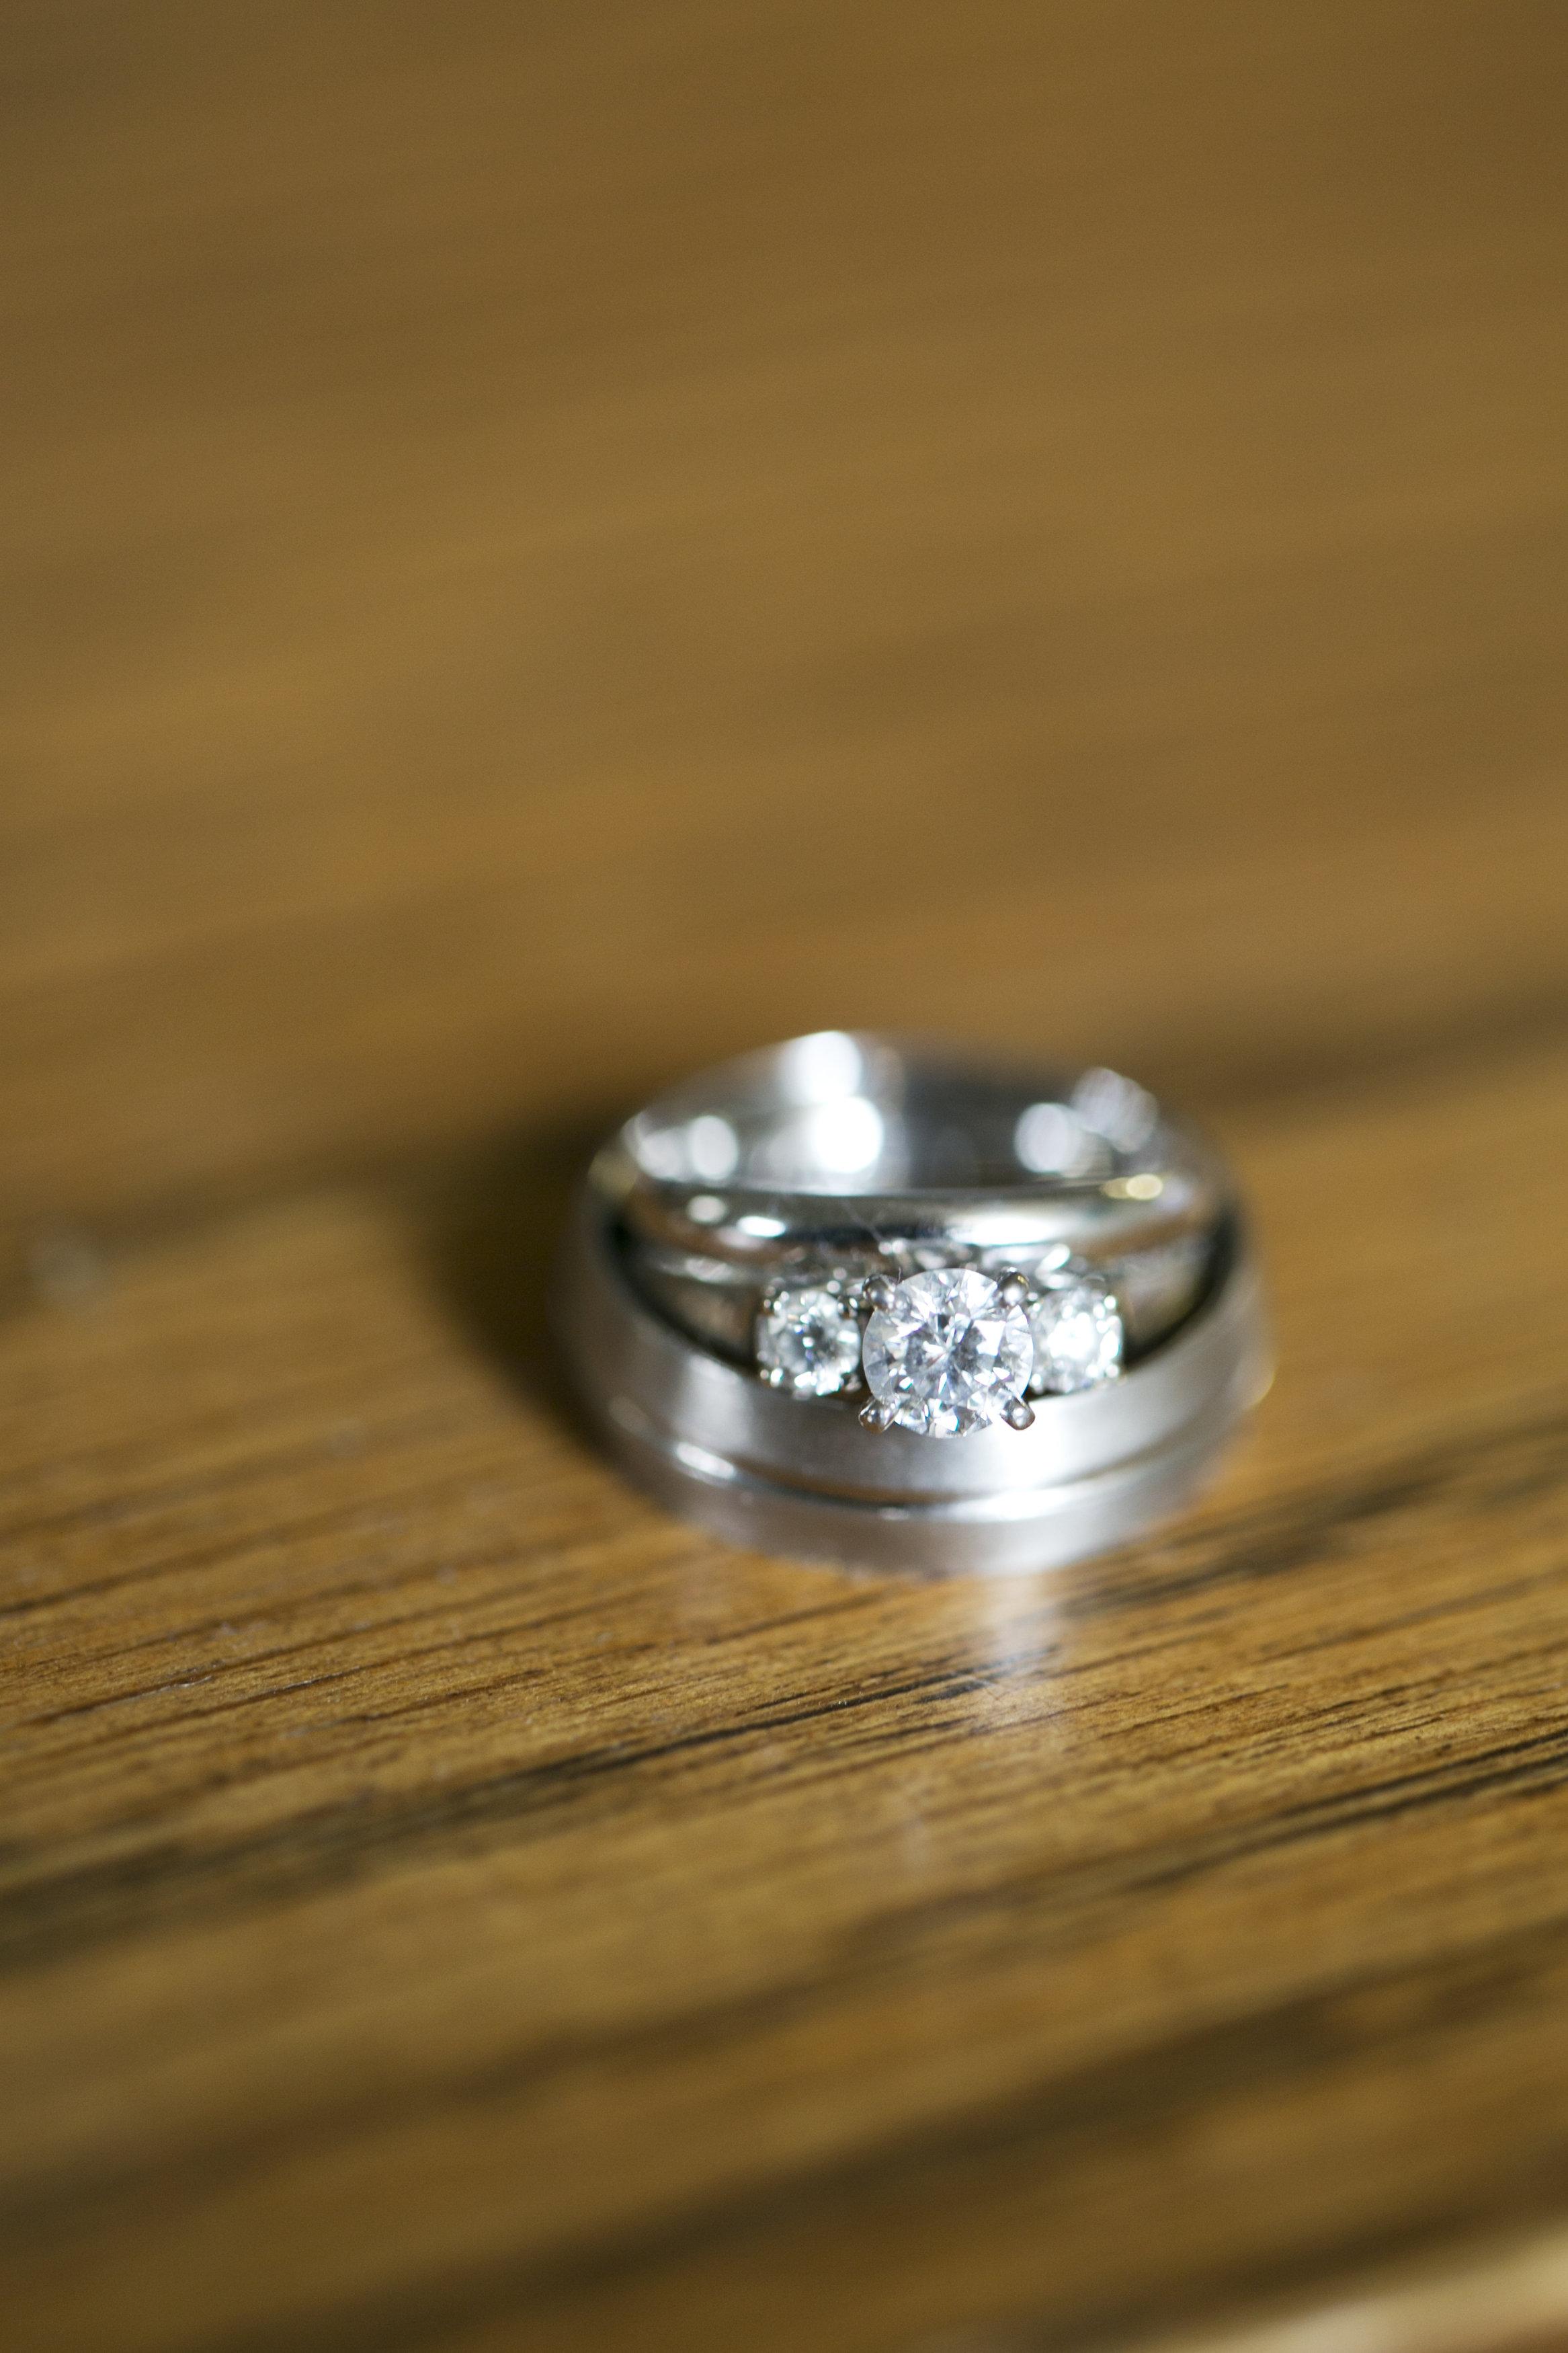 detail ring shot on wood